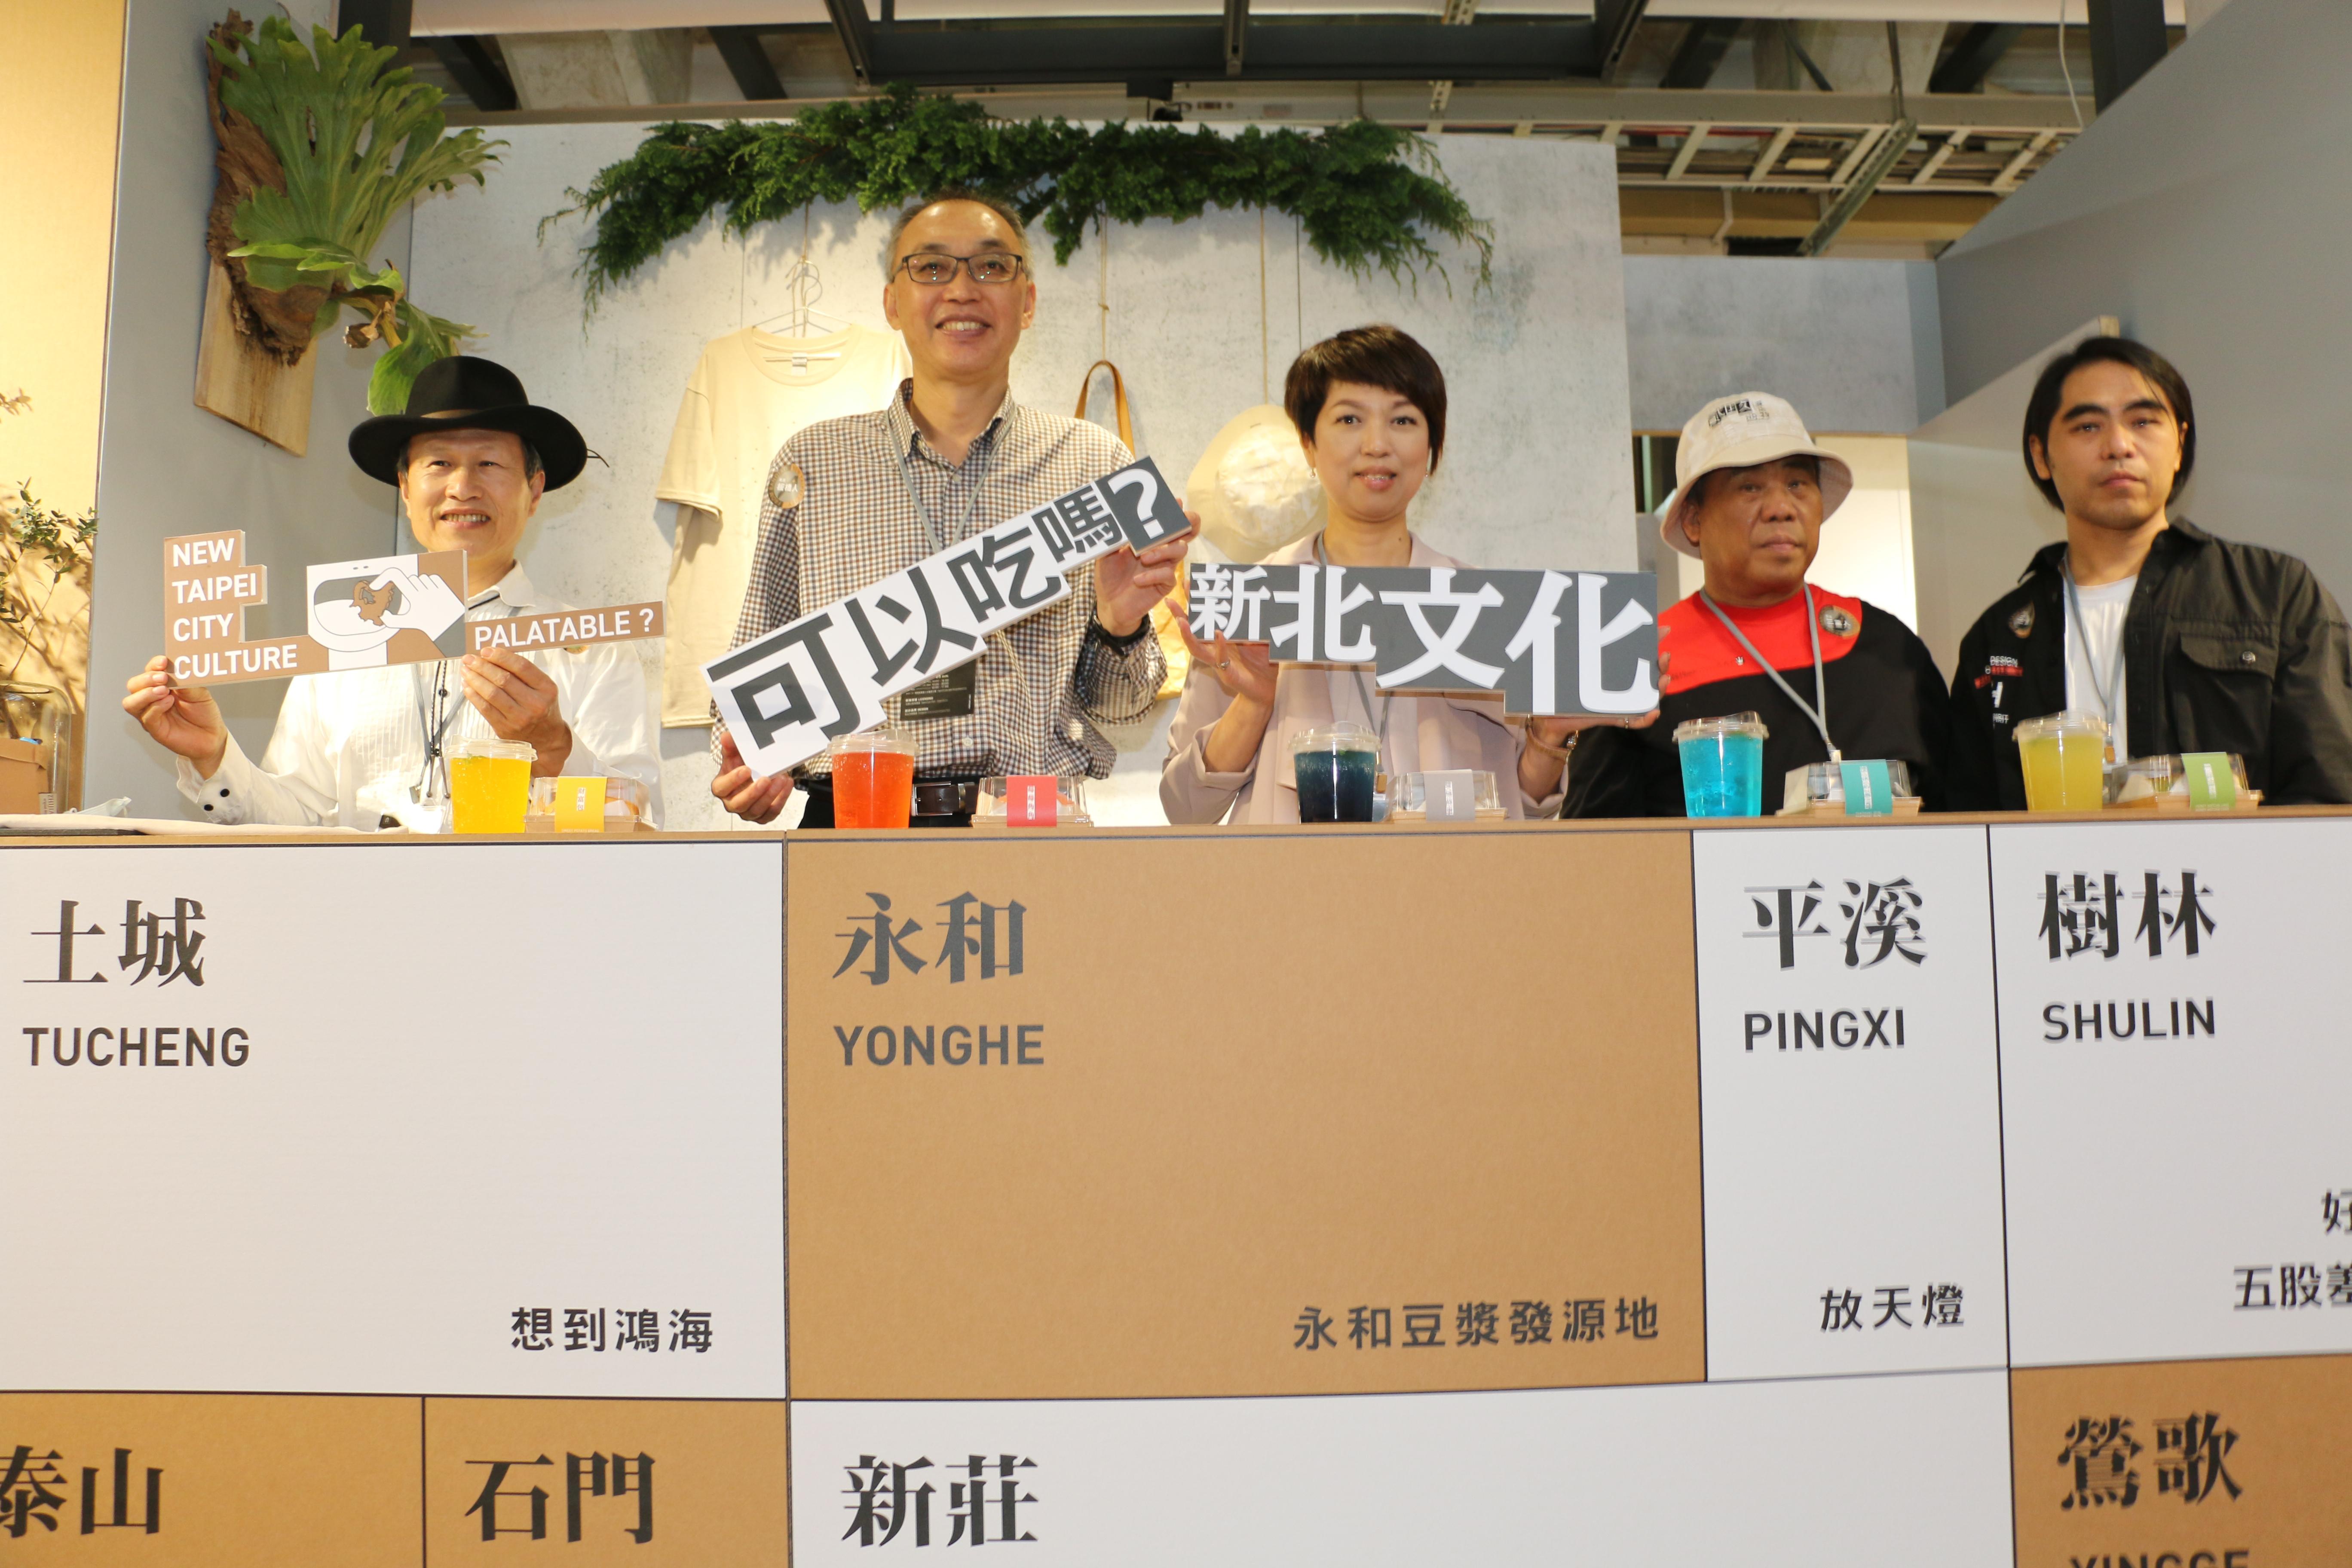 副市長謝政達及局長龔雅雯推薦限定特色套餐美食飲品。(圖/李梅瑛)